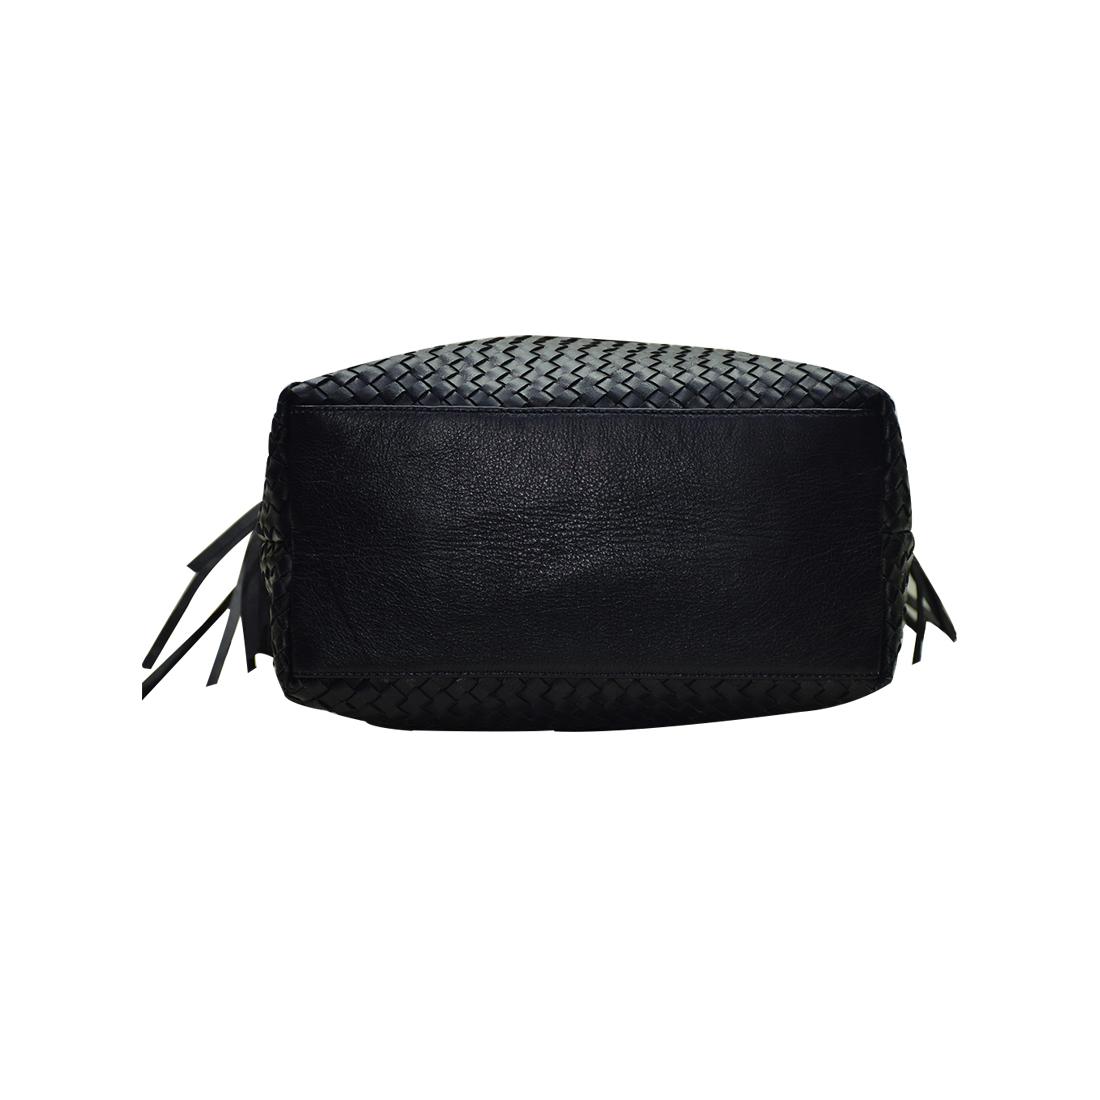 Leather Handwoven Tote Shoulder Bag